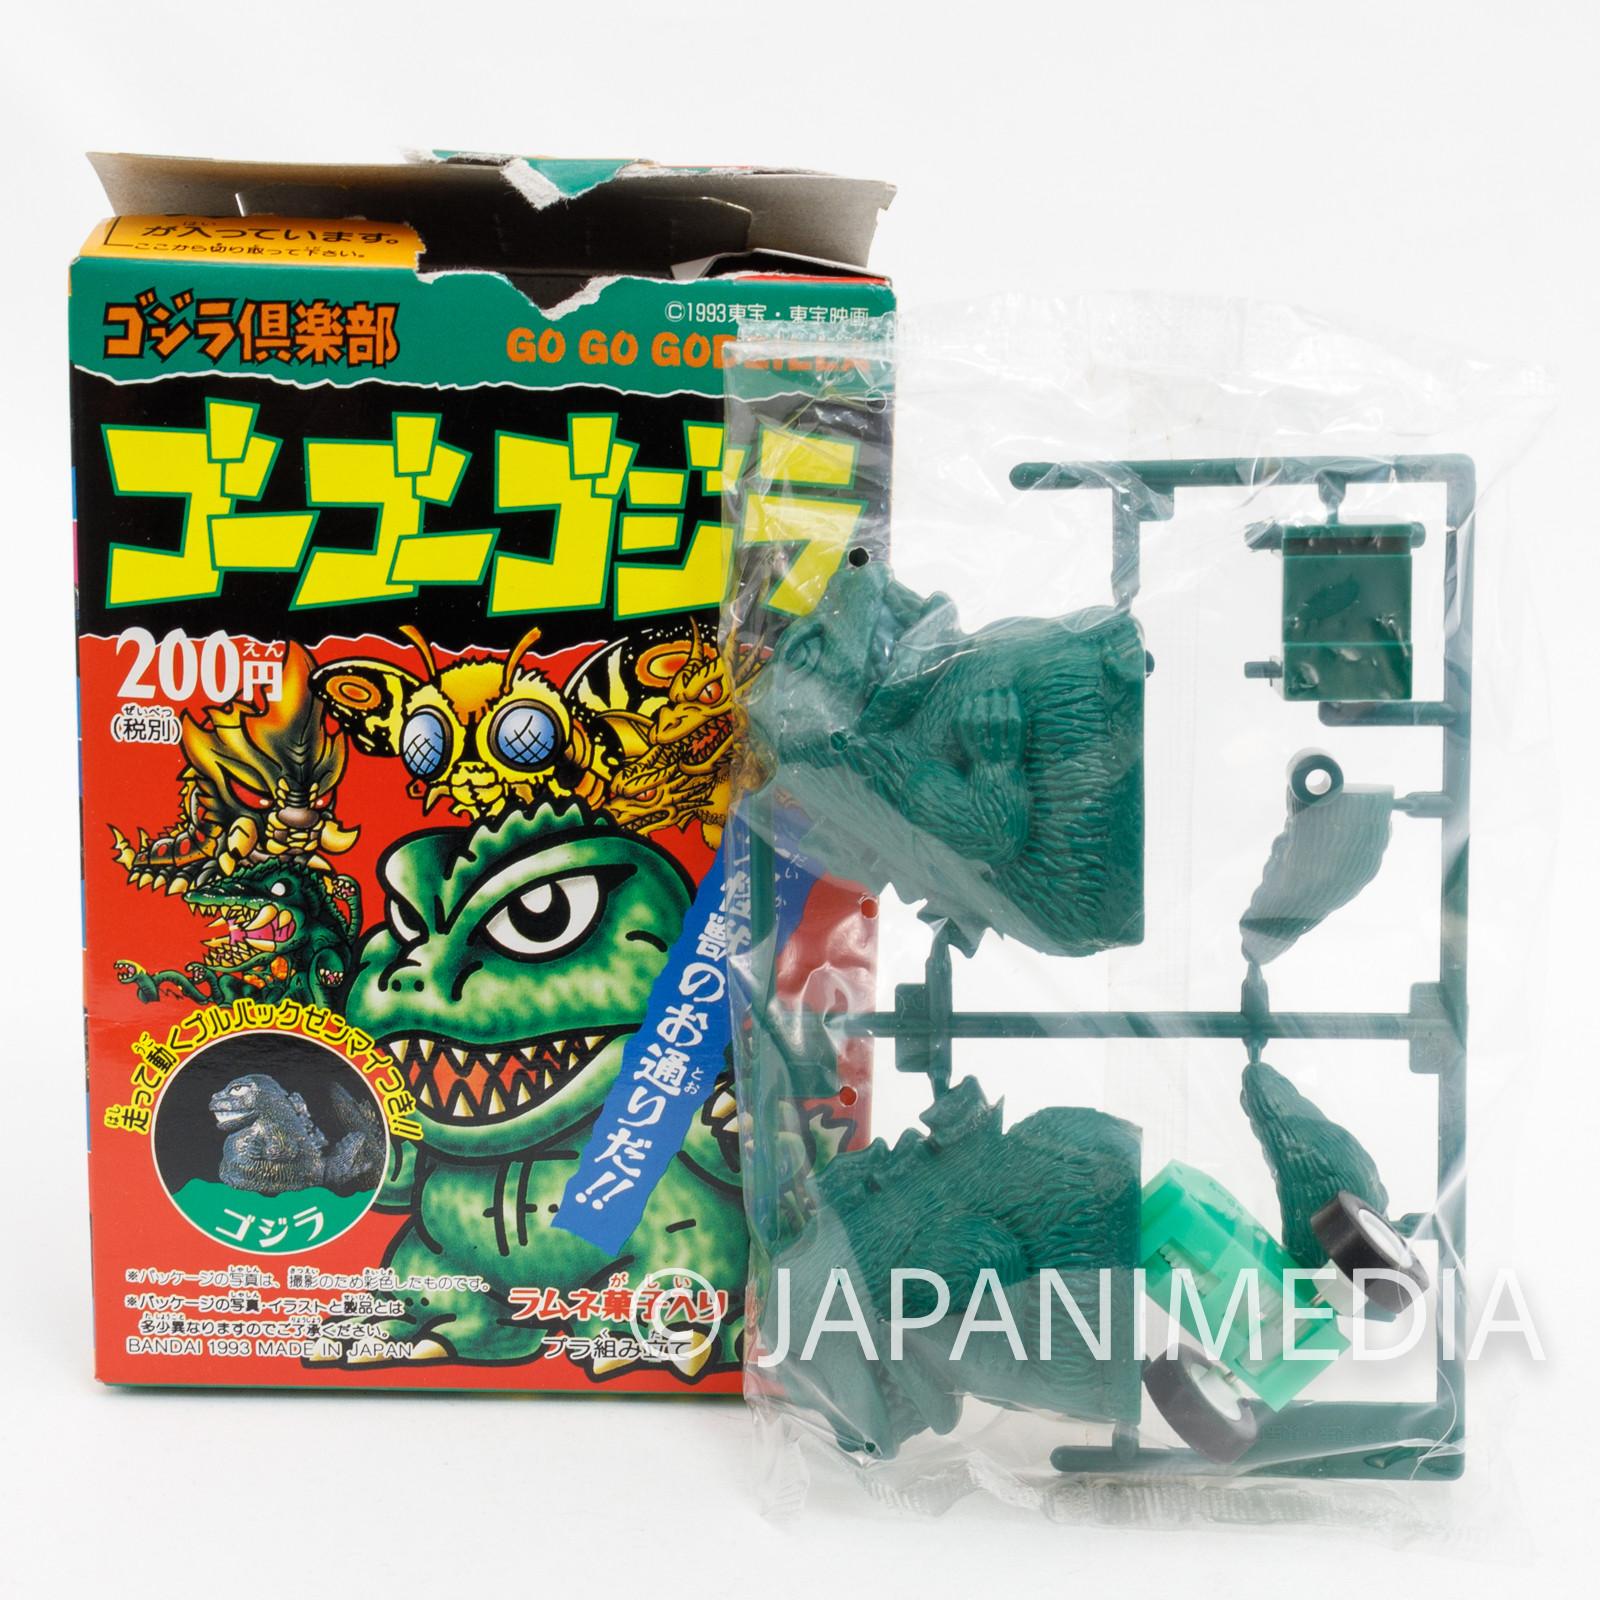 Retro Godzilla Plastic Model Kit Pull-back Car BANDAI JAPAN TOKUSATSU